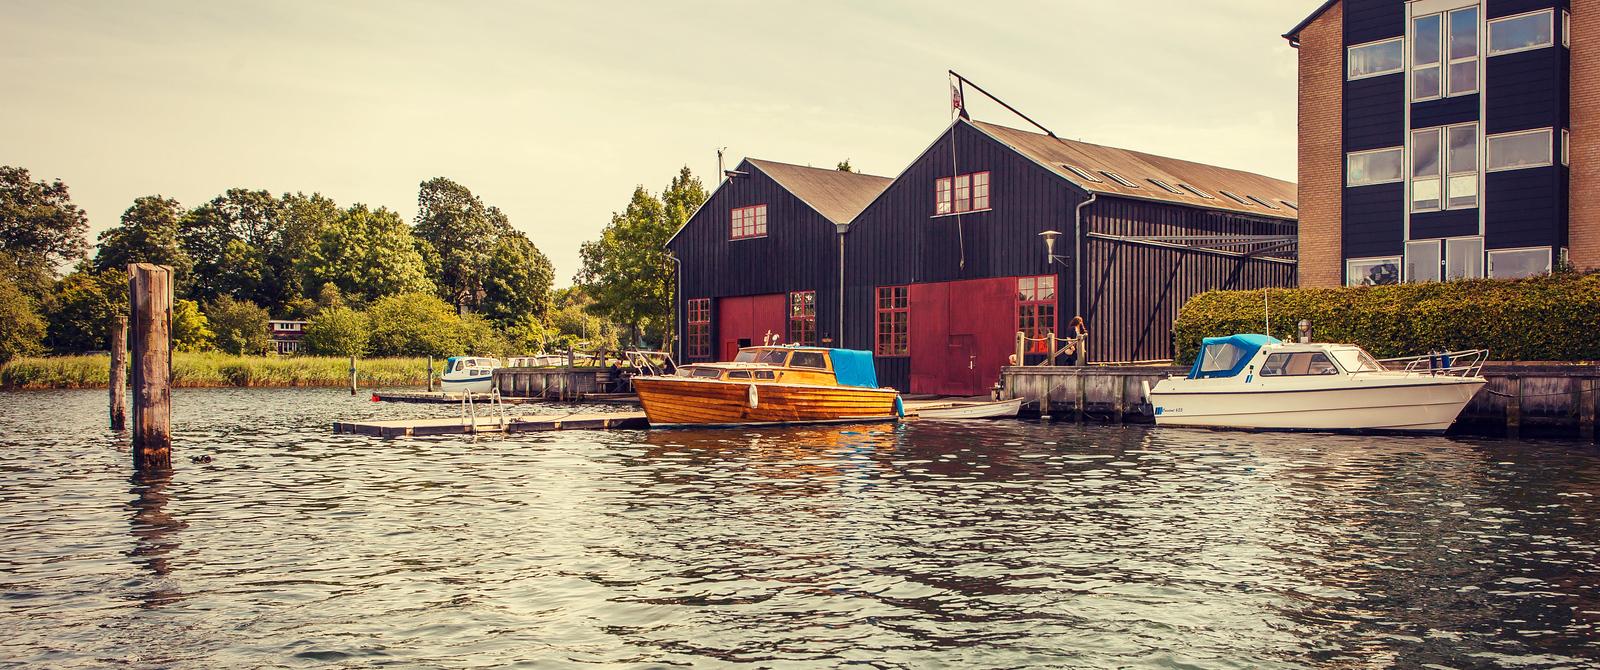 丹麦哥本哈根,水中岸边一起看